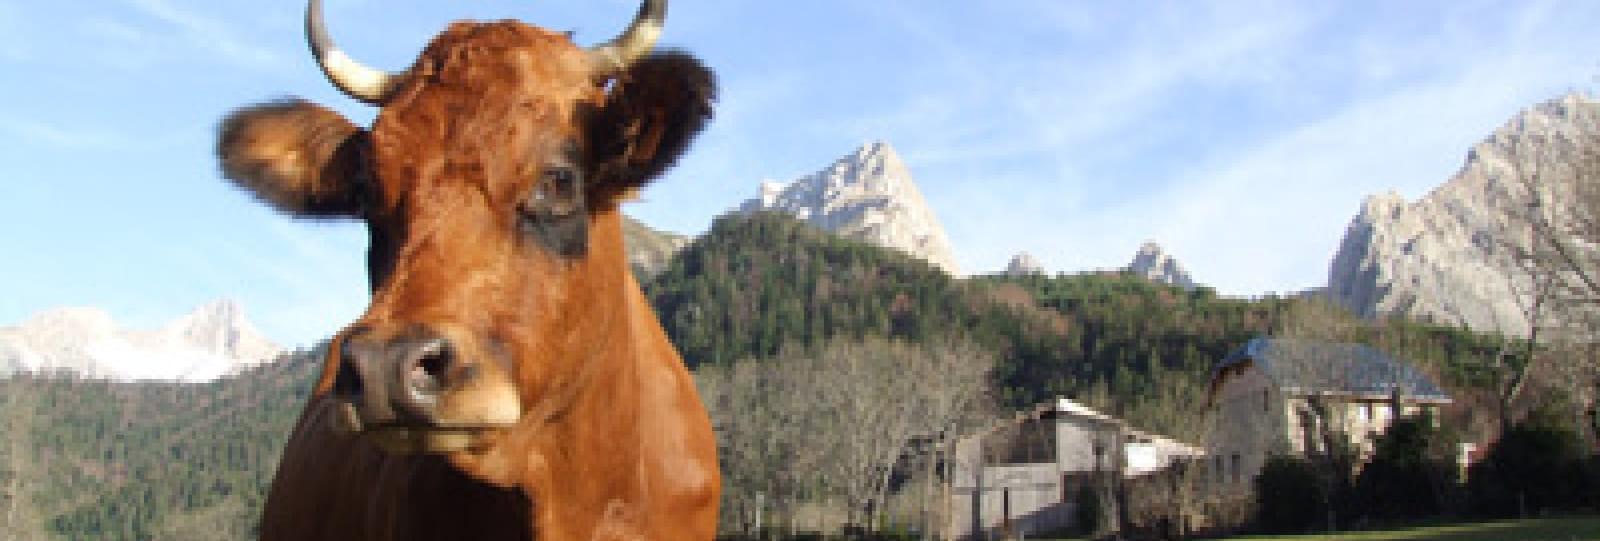 Ferme de la Jarjatte (farm)